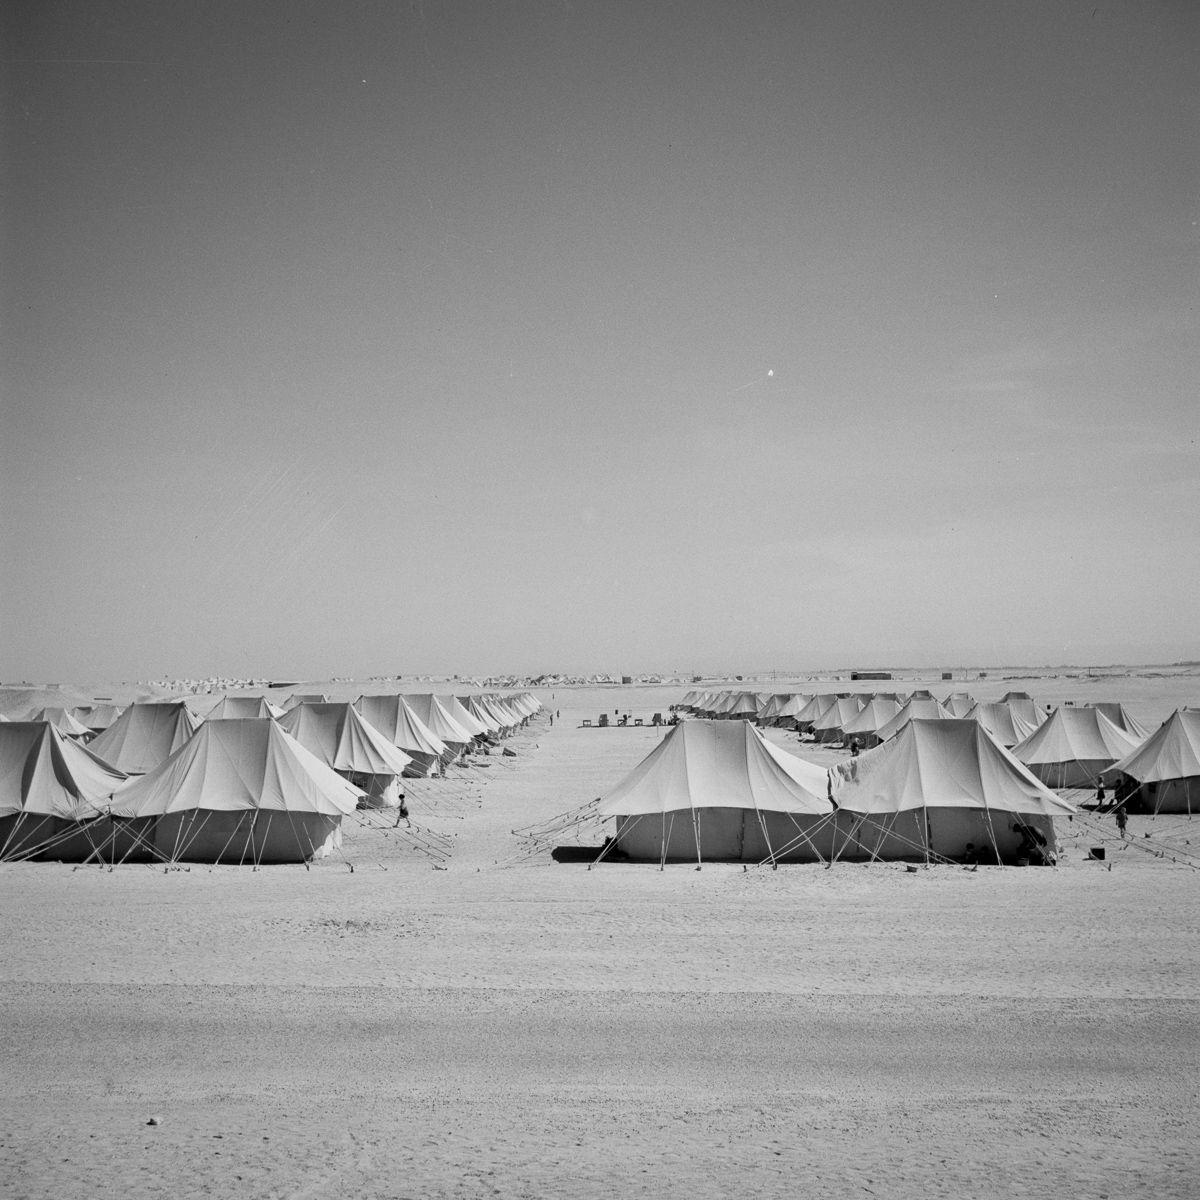 Quando os refugiados fugiram da Europa devastada pela guerra buscando paraísos no Oriente Médio 02